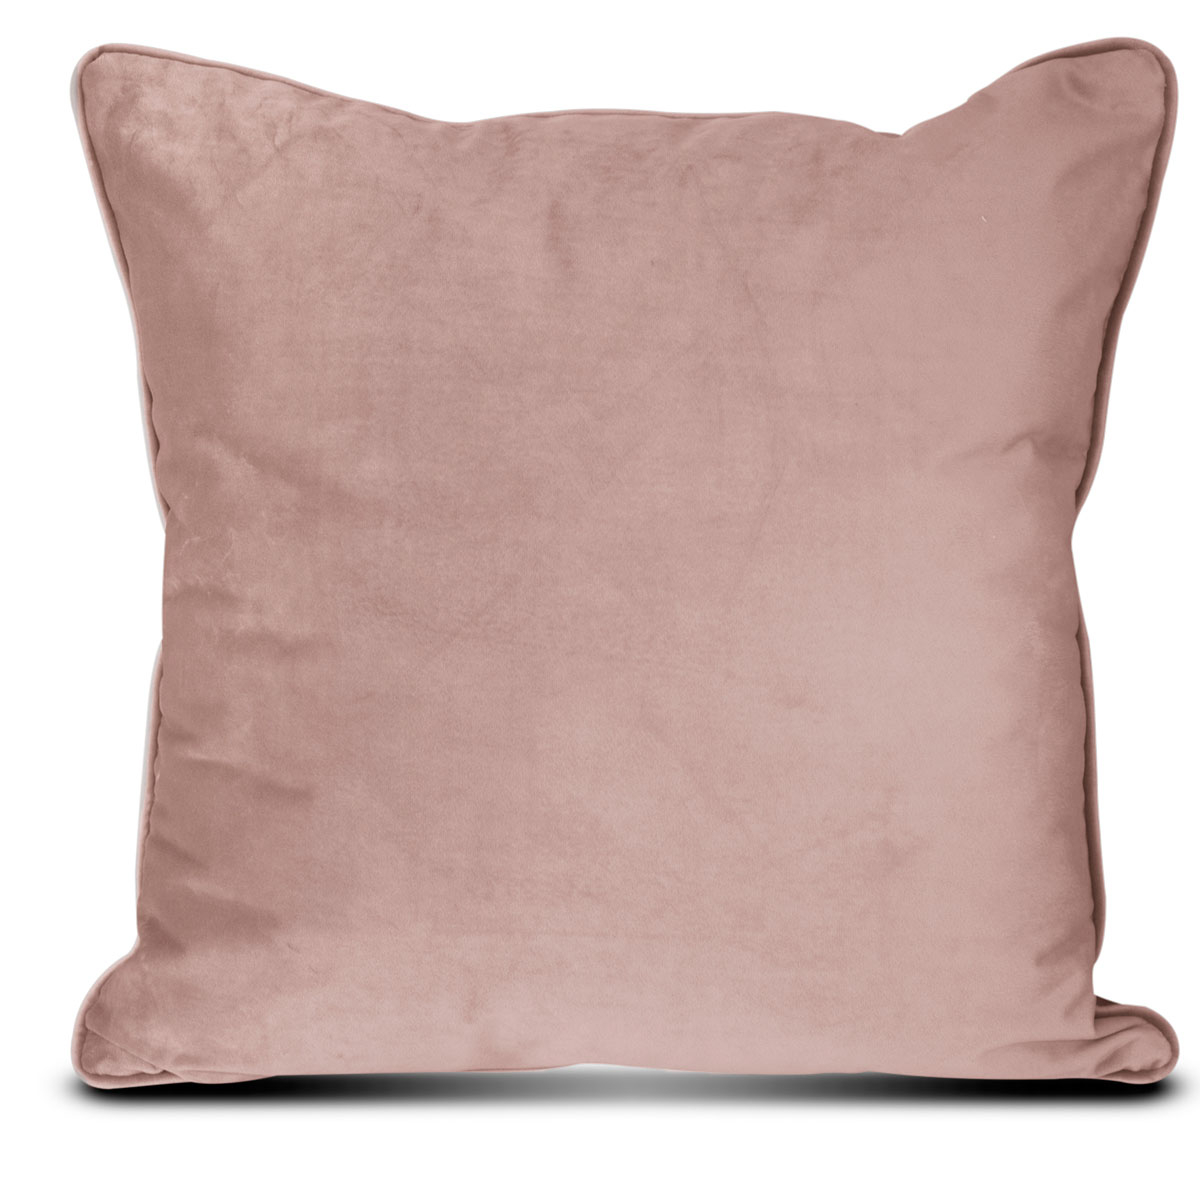 Διακοσμητικό Μαξιλάρι Βελούδινο (45×45) Elite Velour Pink